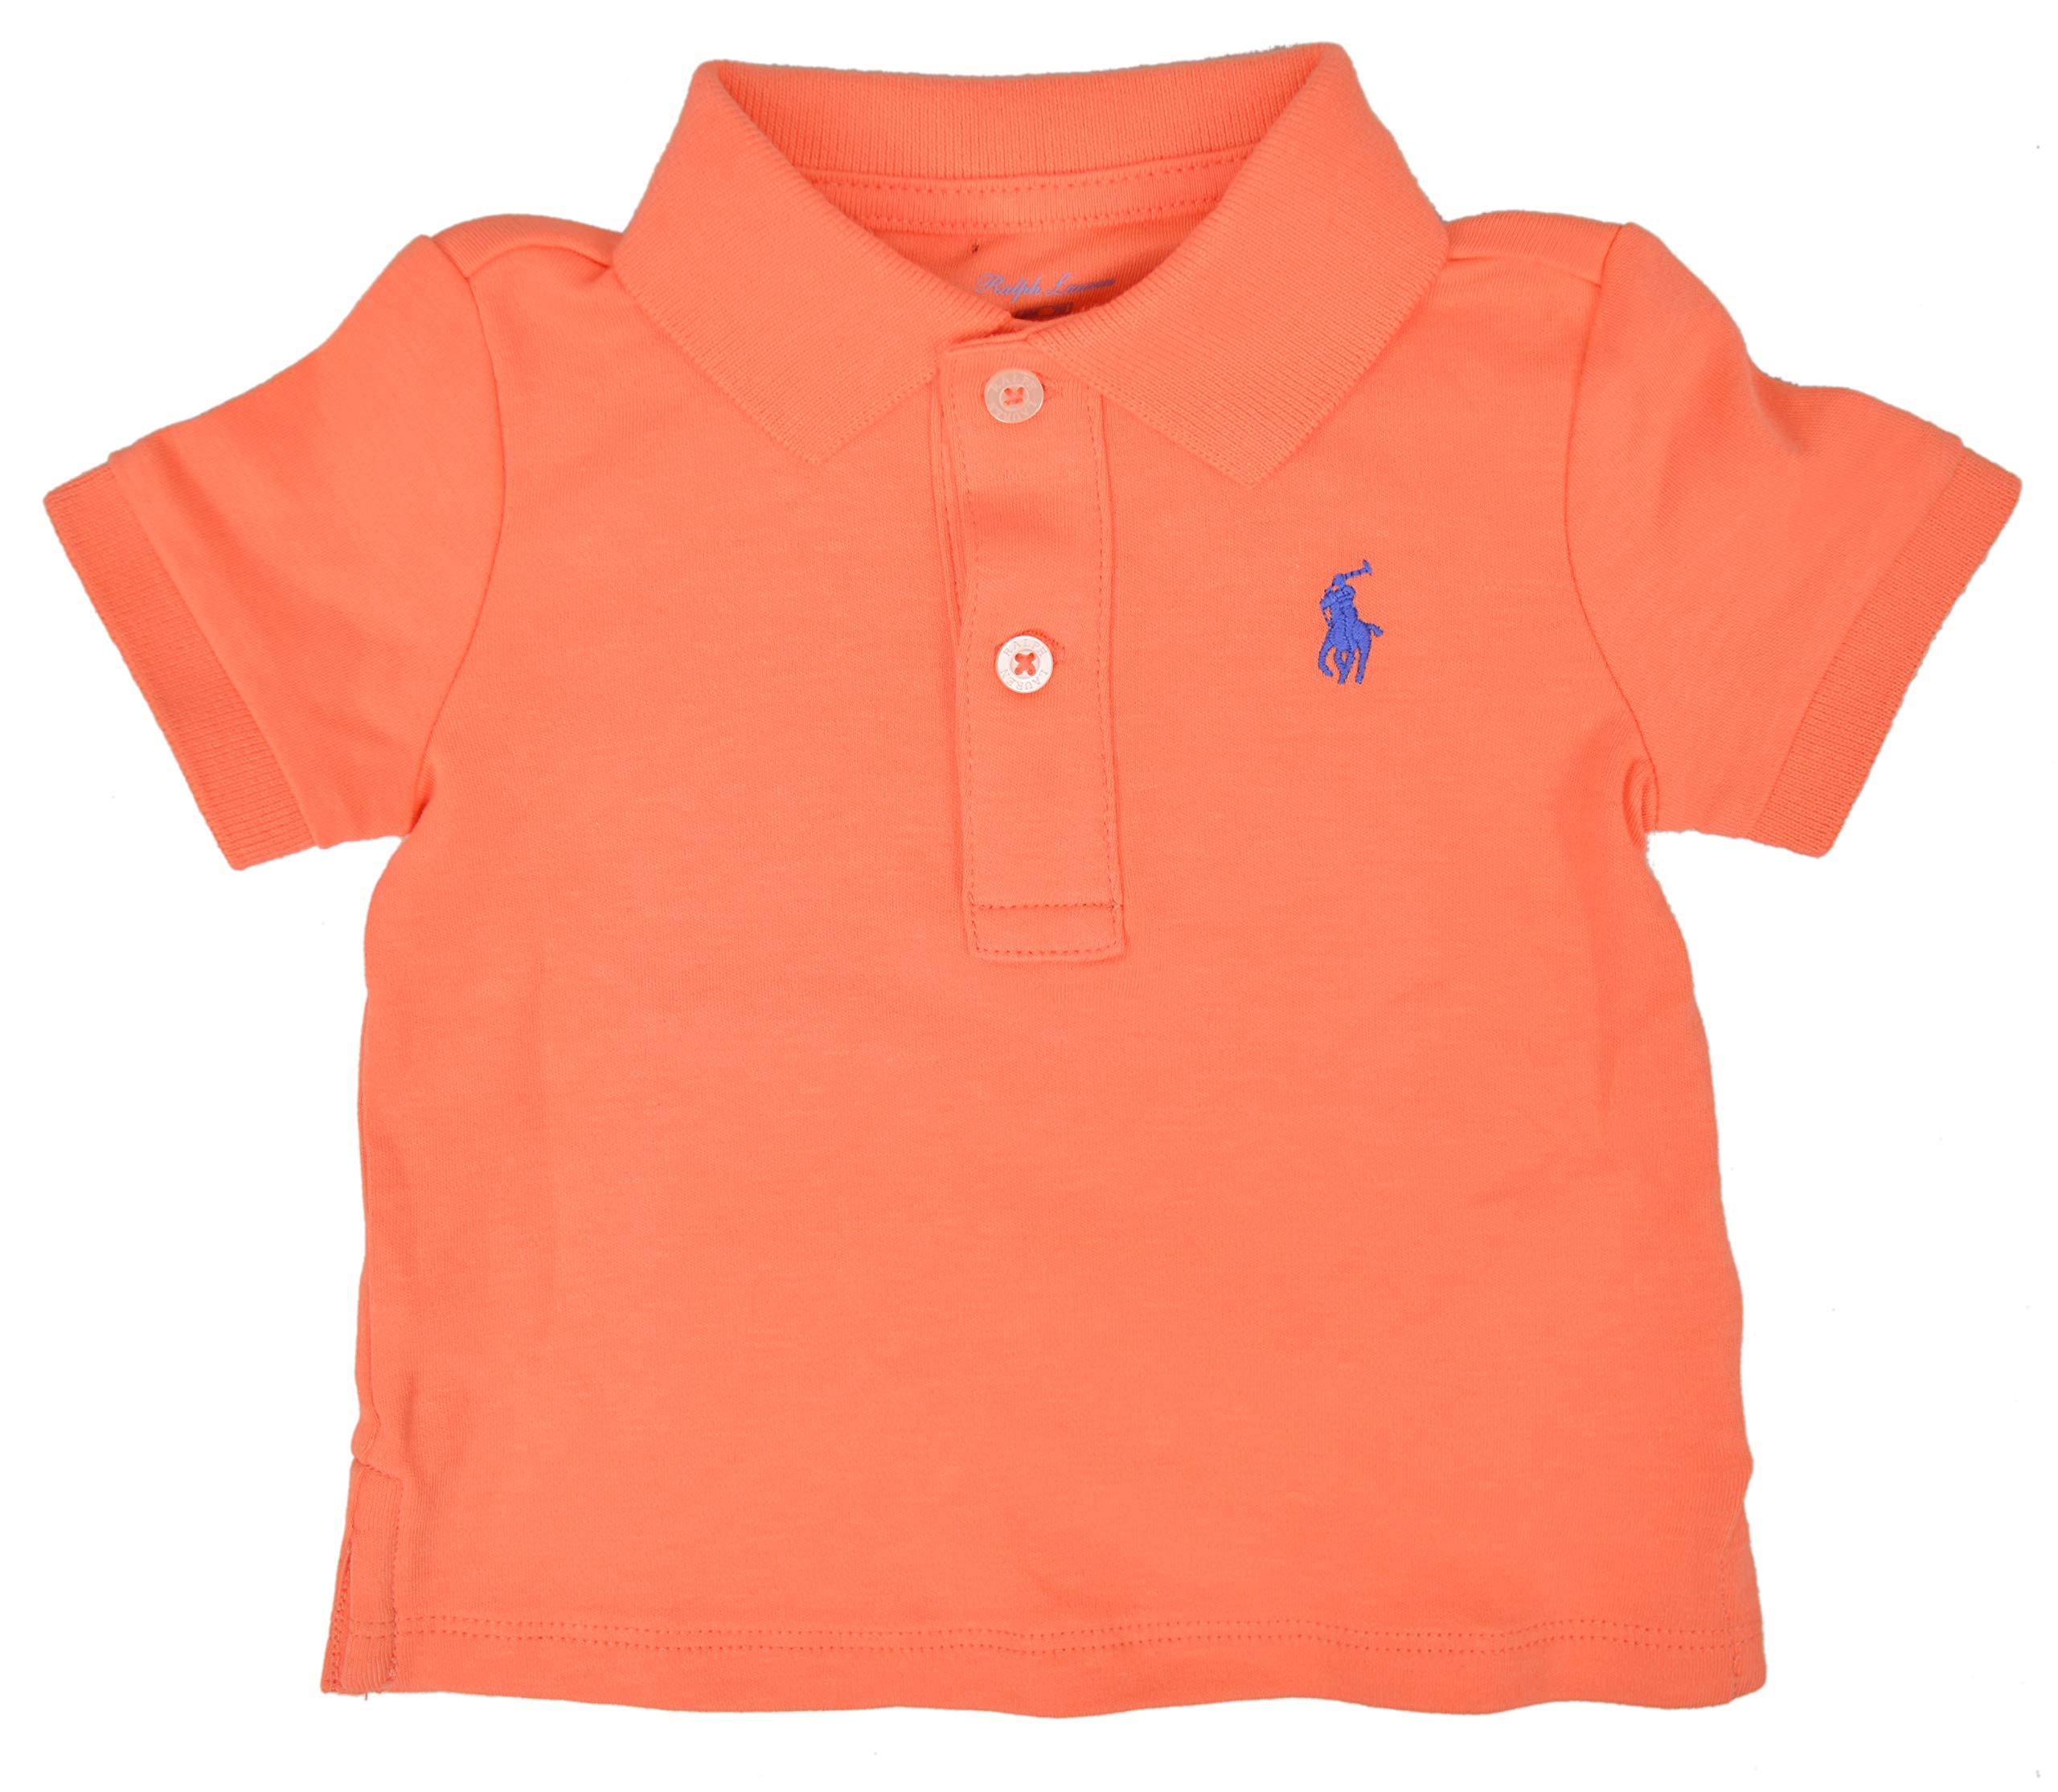 Polo Ralph Lauren Baby Boys 100% Cotton Polo Top, Orange (18M) by Polo Ralph Lauren